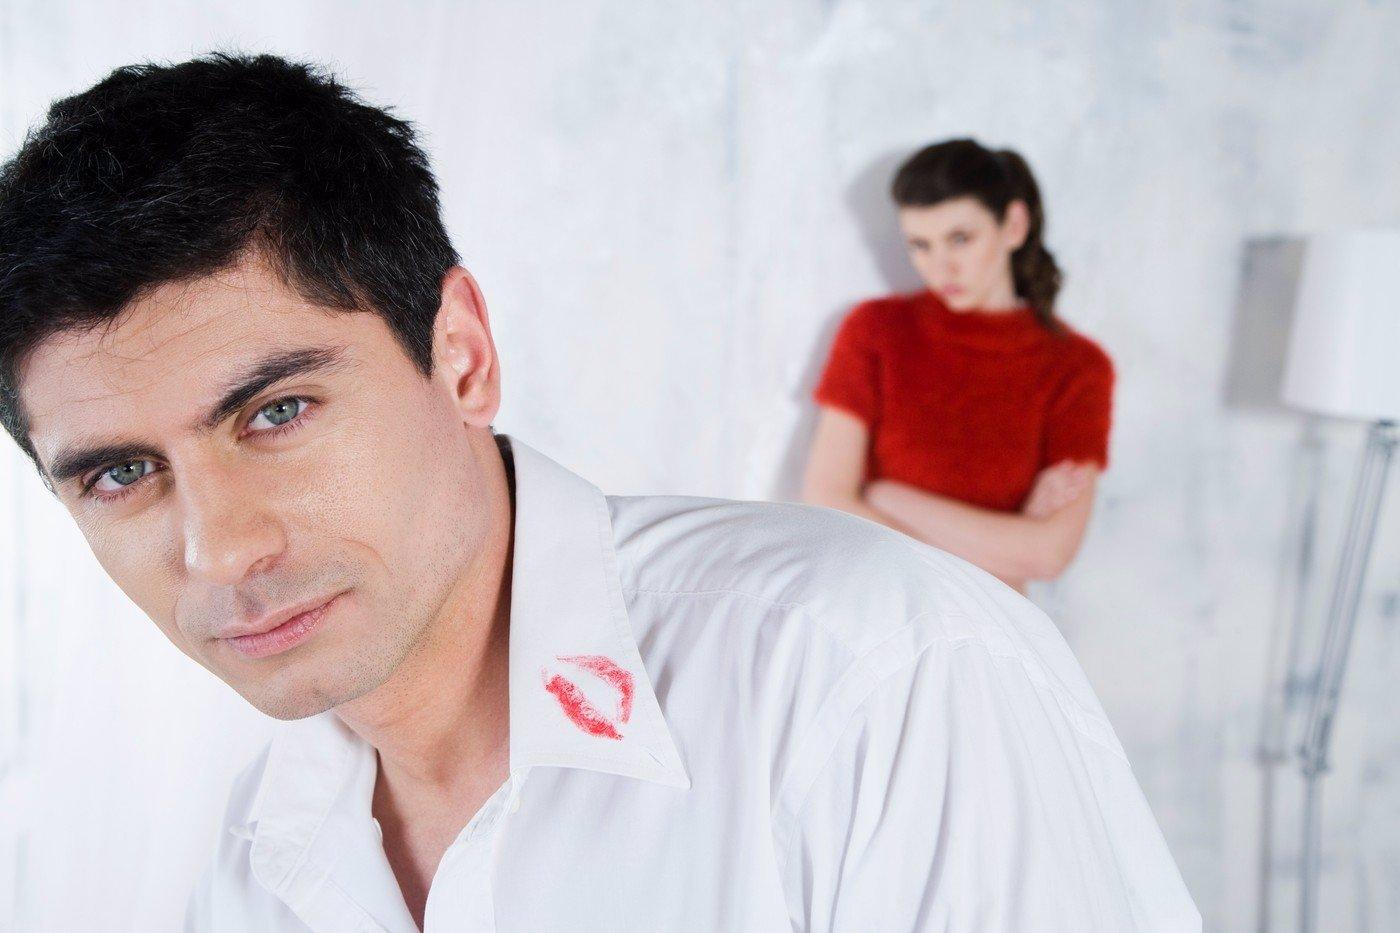 Dělá váš partner těchto 5 věcí? Můžete si být jistá, že je vám nevěrný!